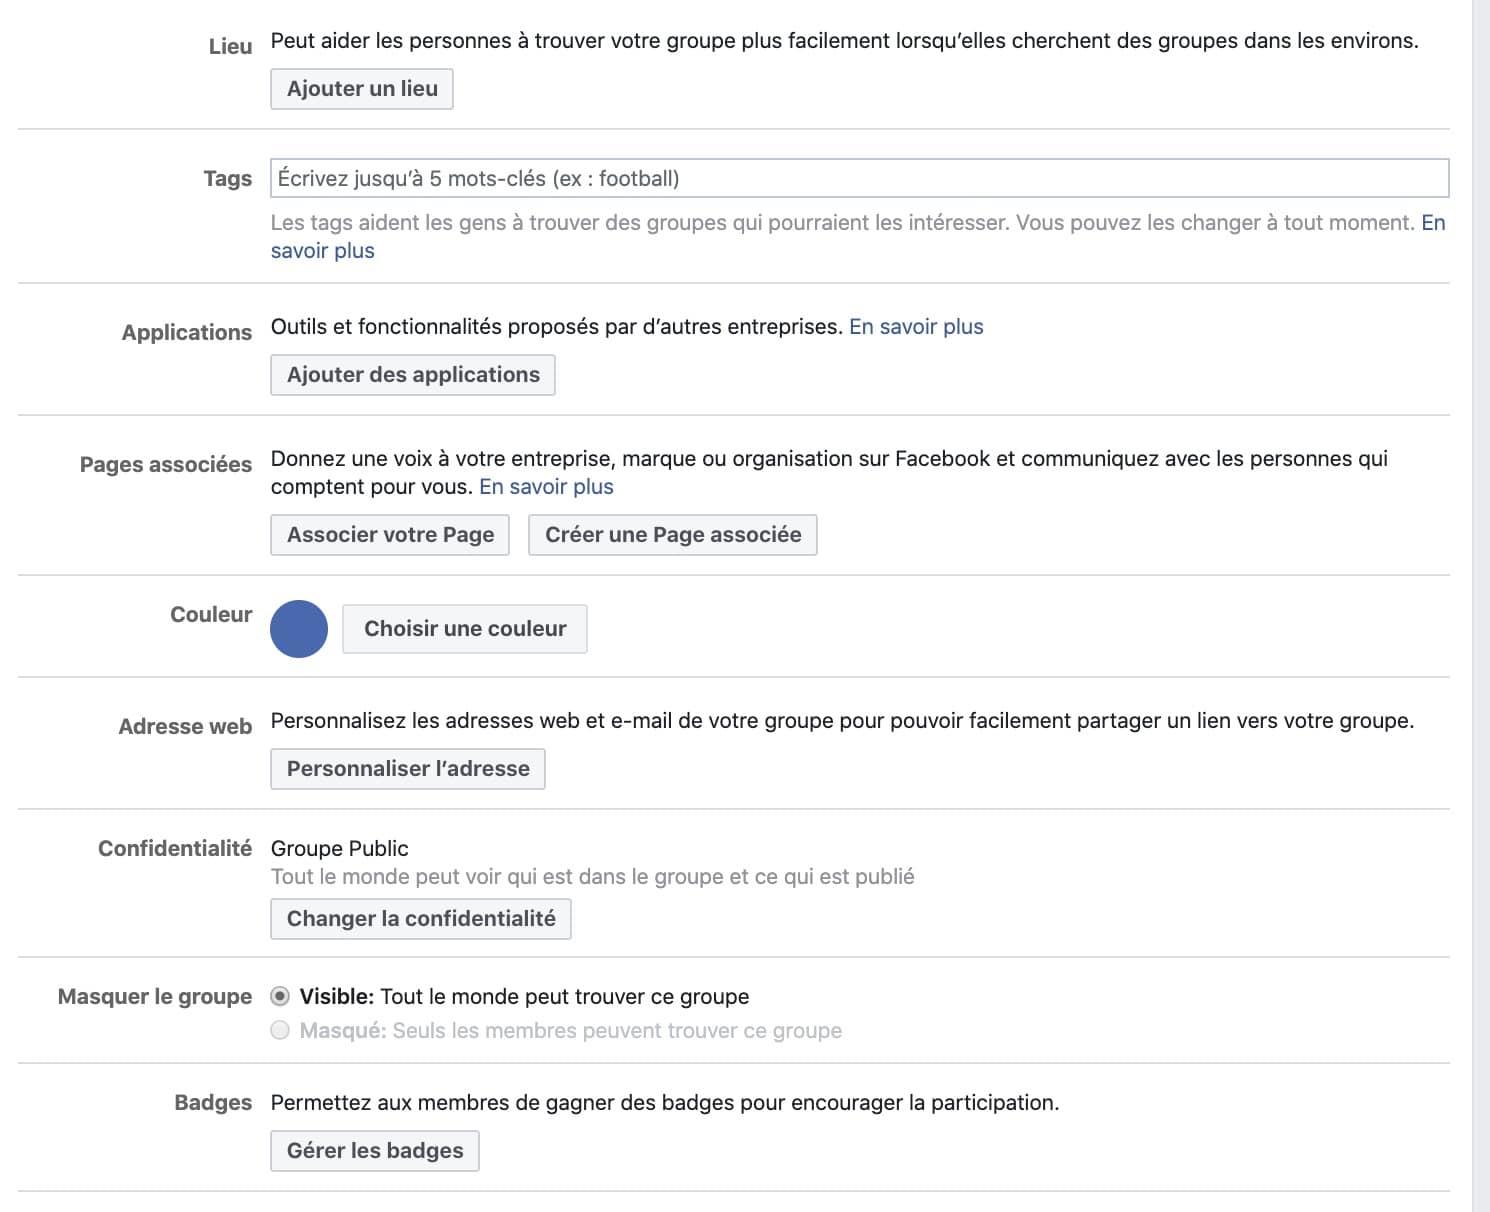 différents paramètres à personnaliser groupe Facebook